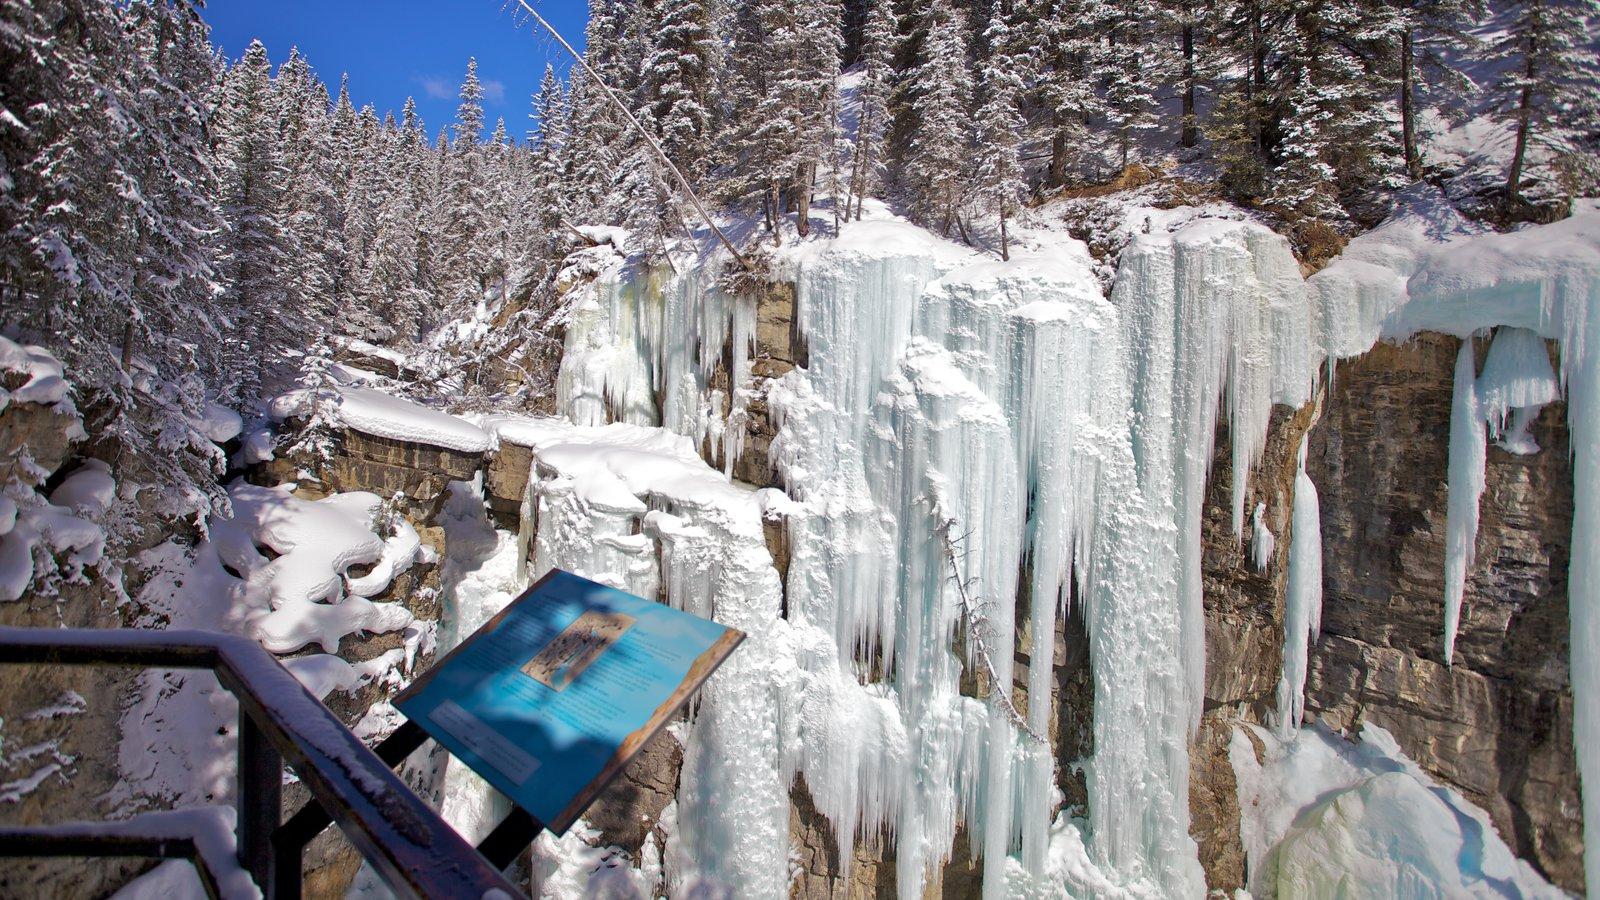 Johnston Canyon ofreciendo vistas de paisajes, un barranco o cañón y nieve